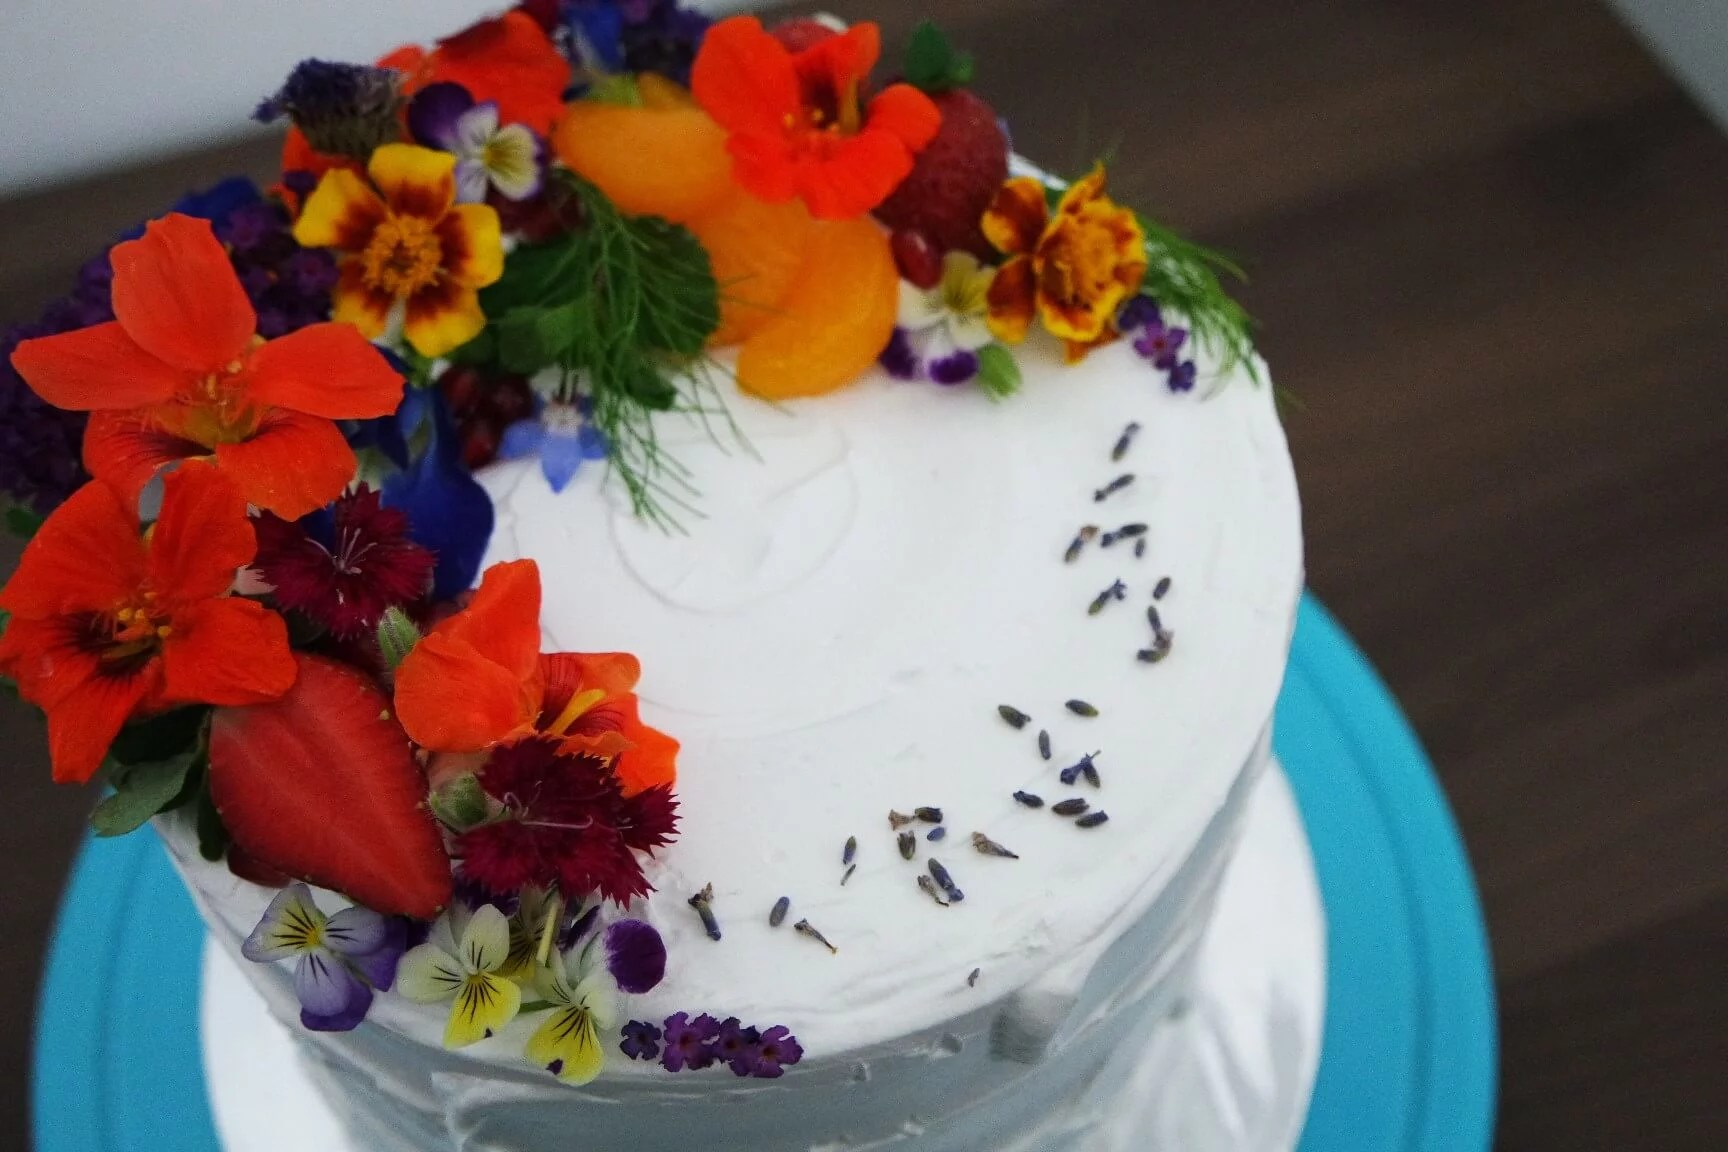 Edible Flower Membuat Kue Tart Kamu Makin Cantik Dan Beda, Dan Masih Banyak Lagi Kegunaannya